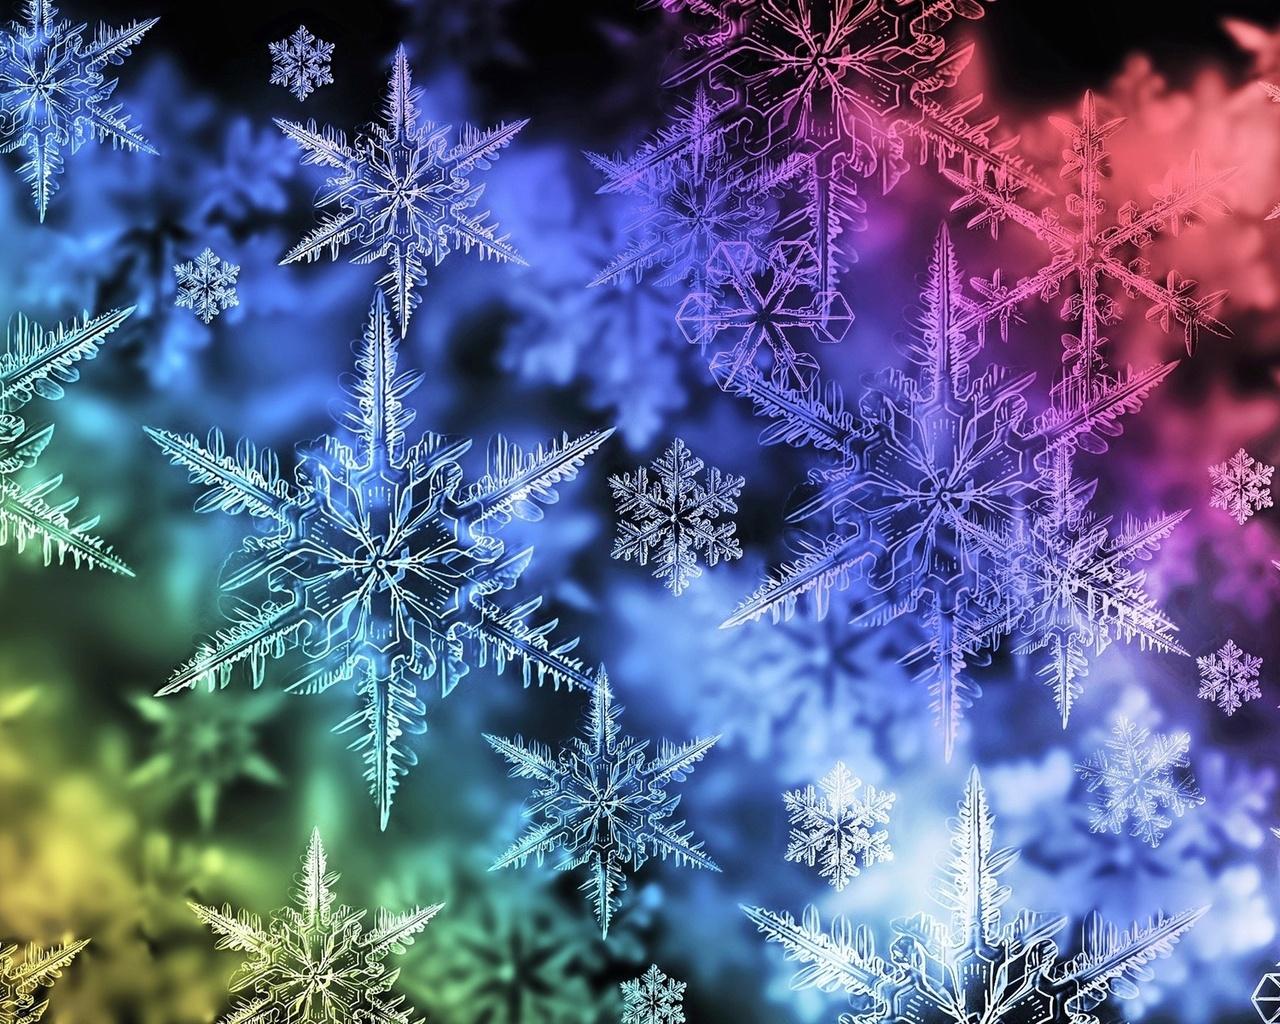 Колір спектр новий рік фото 1280x1024